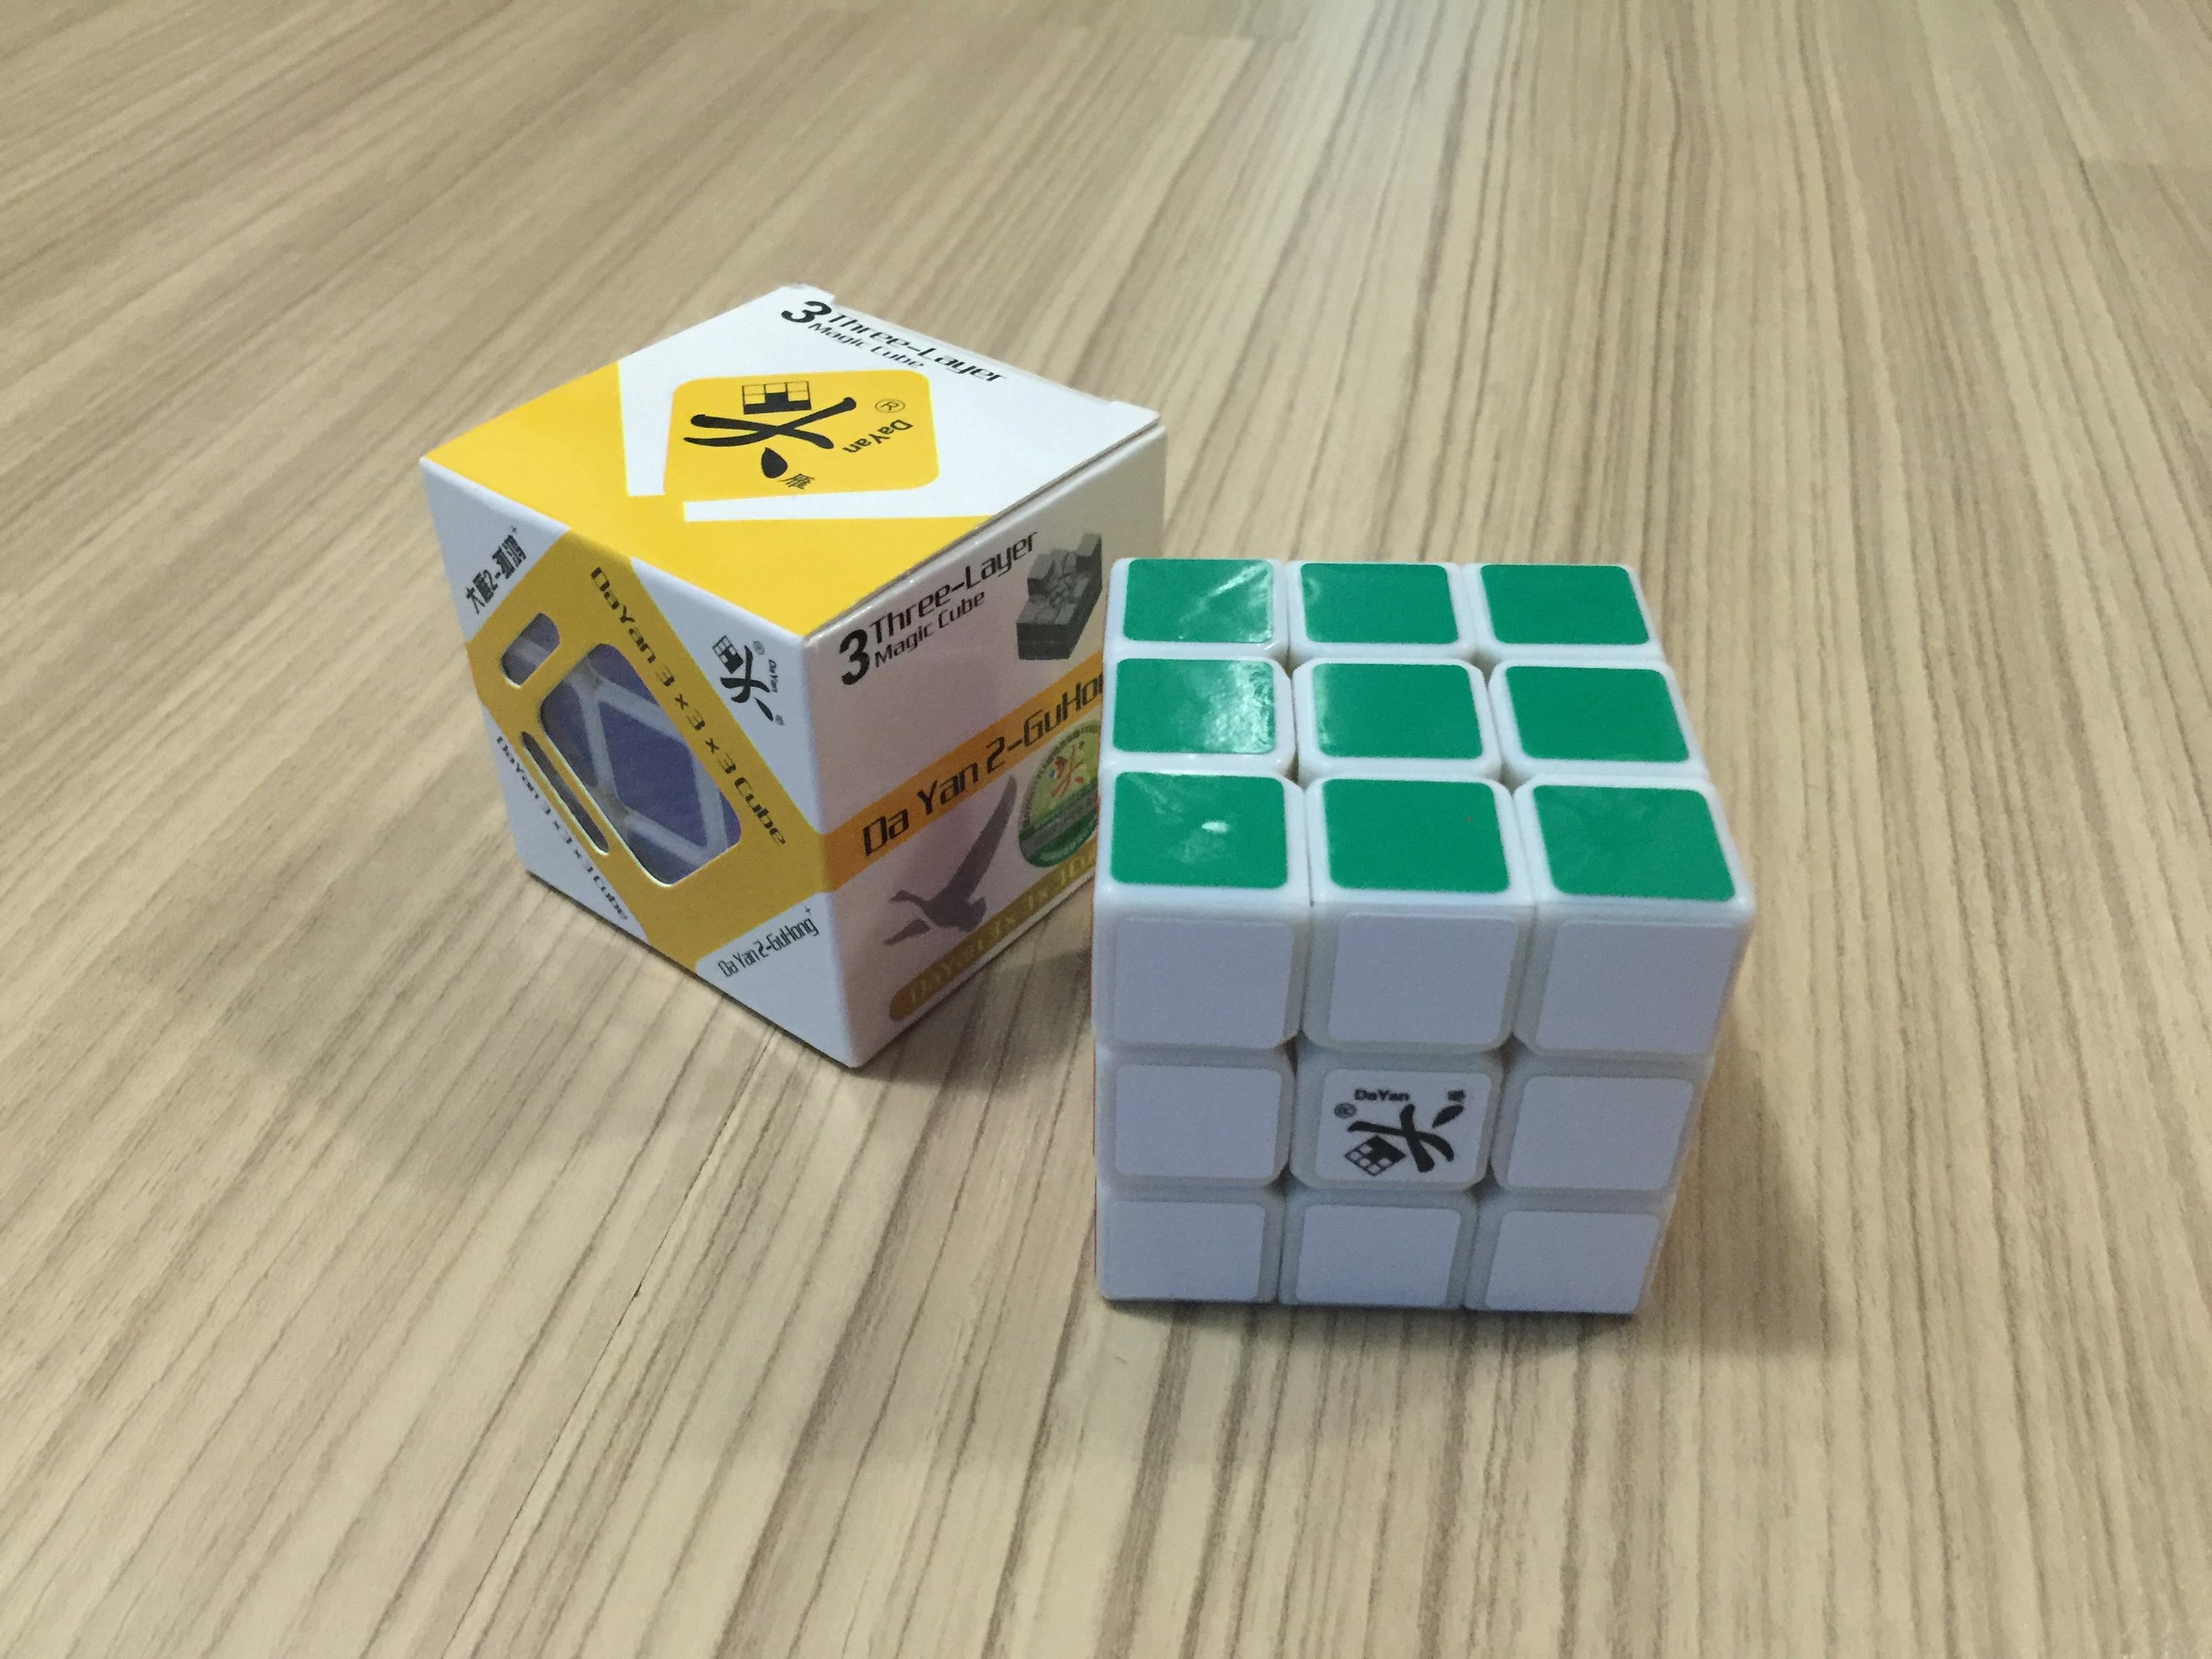 DaYan Guhong II 3x3x3 White